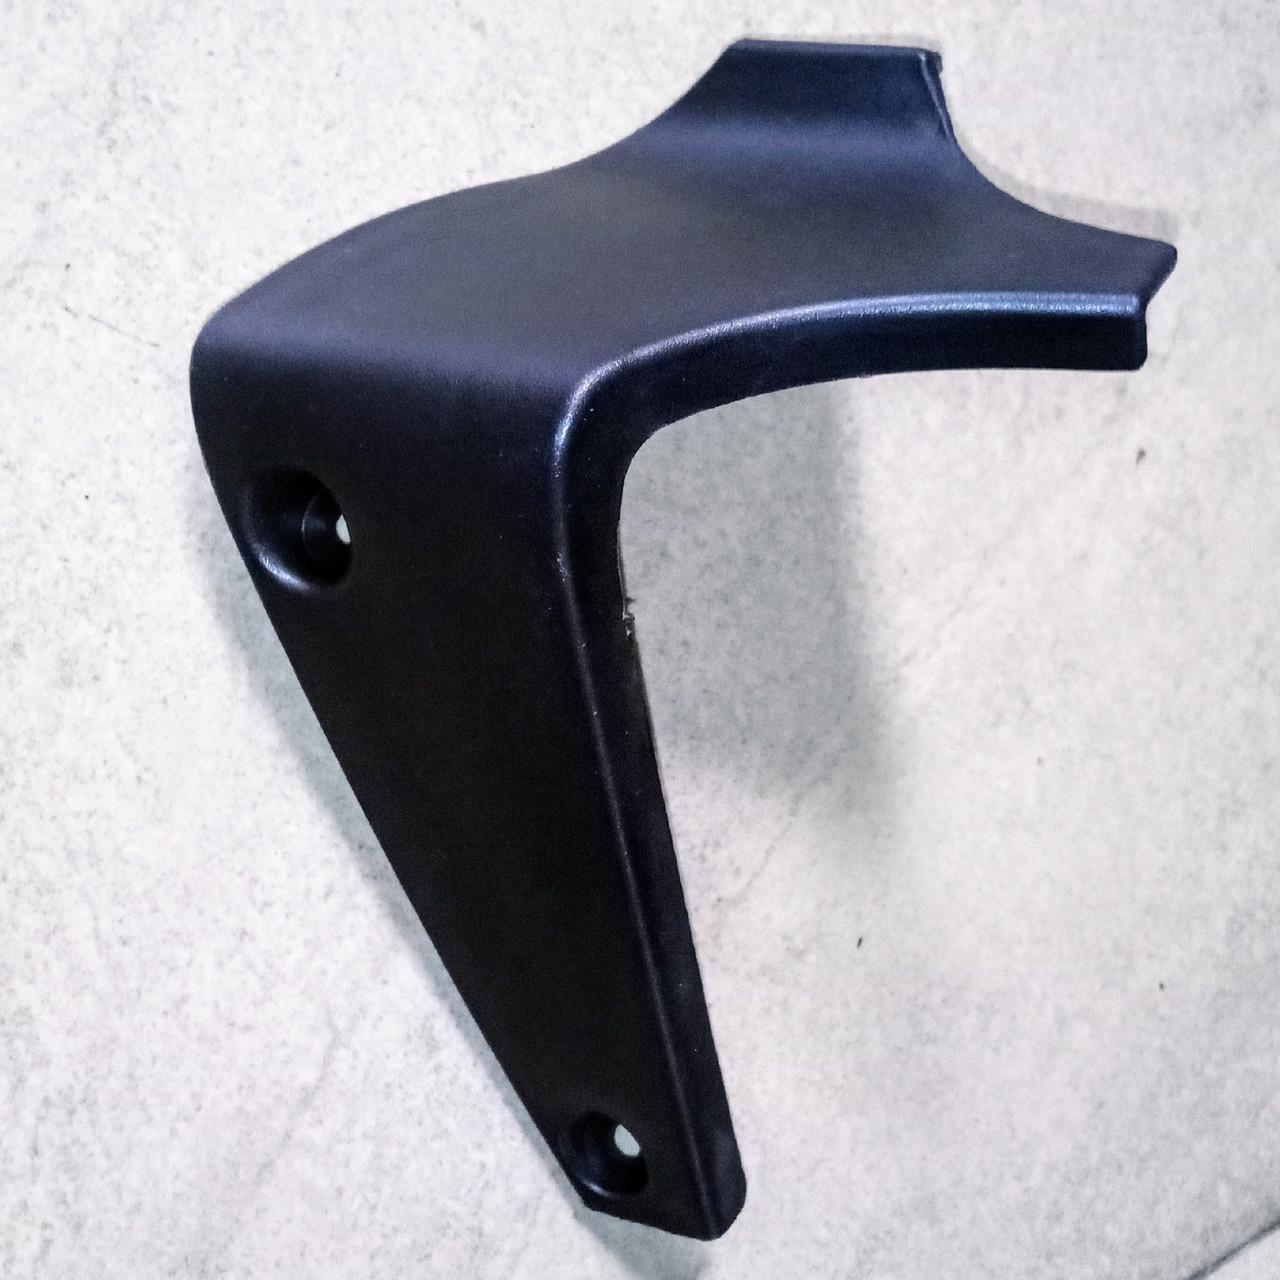 JS150-3 Пластик обтекателя ЛЕВЫЙ внутренней панели крепления фары Jianshe - CF0-002503-0